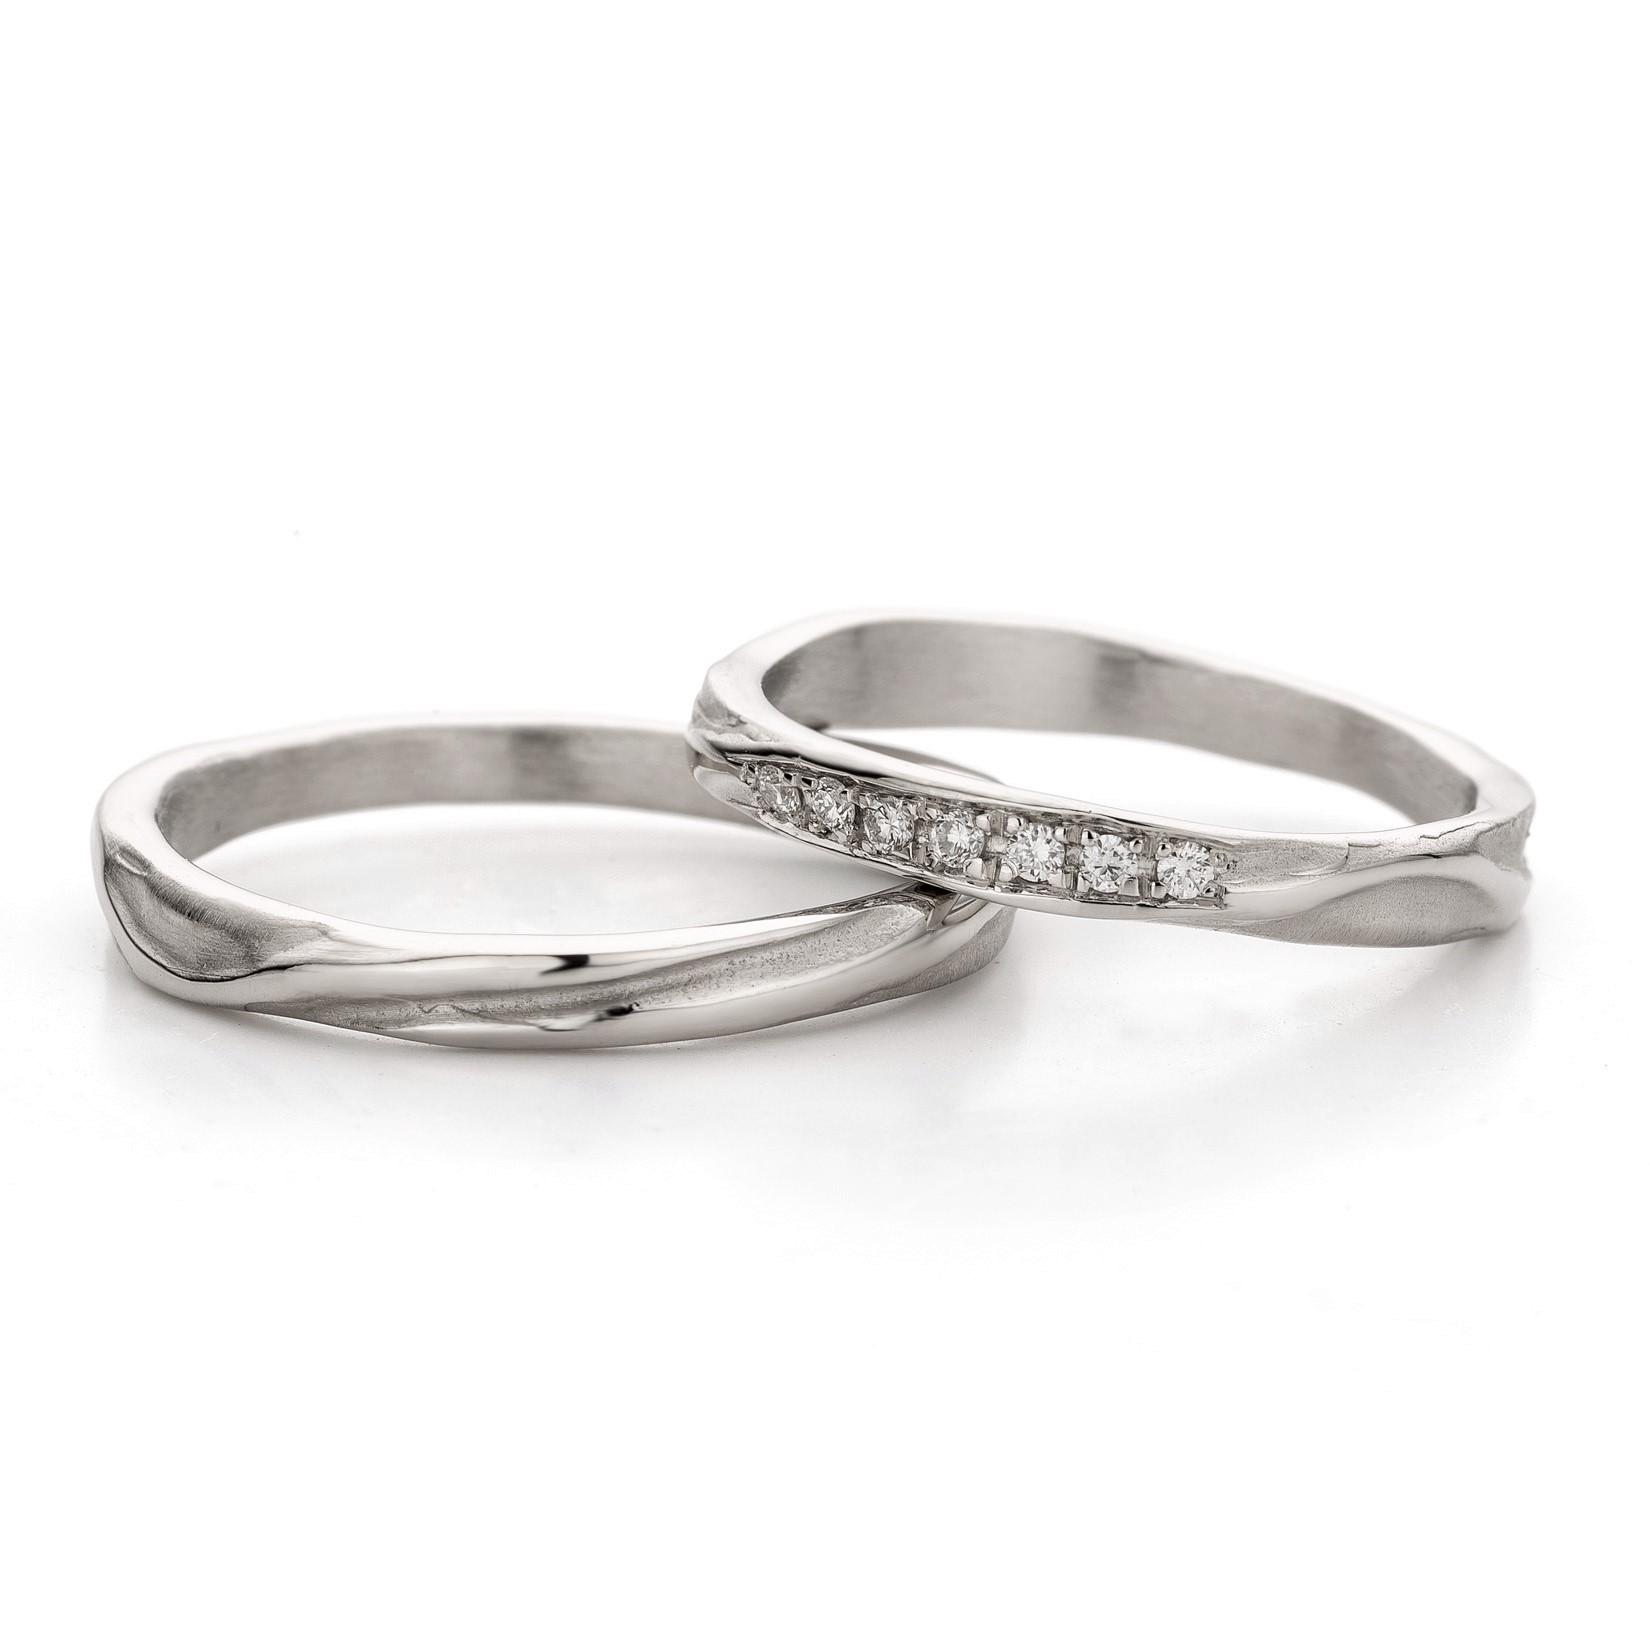 N 45 7 Handgemaakte Witgouden Trouwringen Ines Bouwen Jewelry